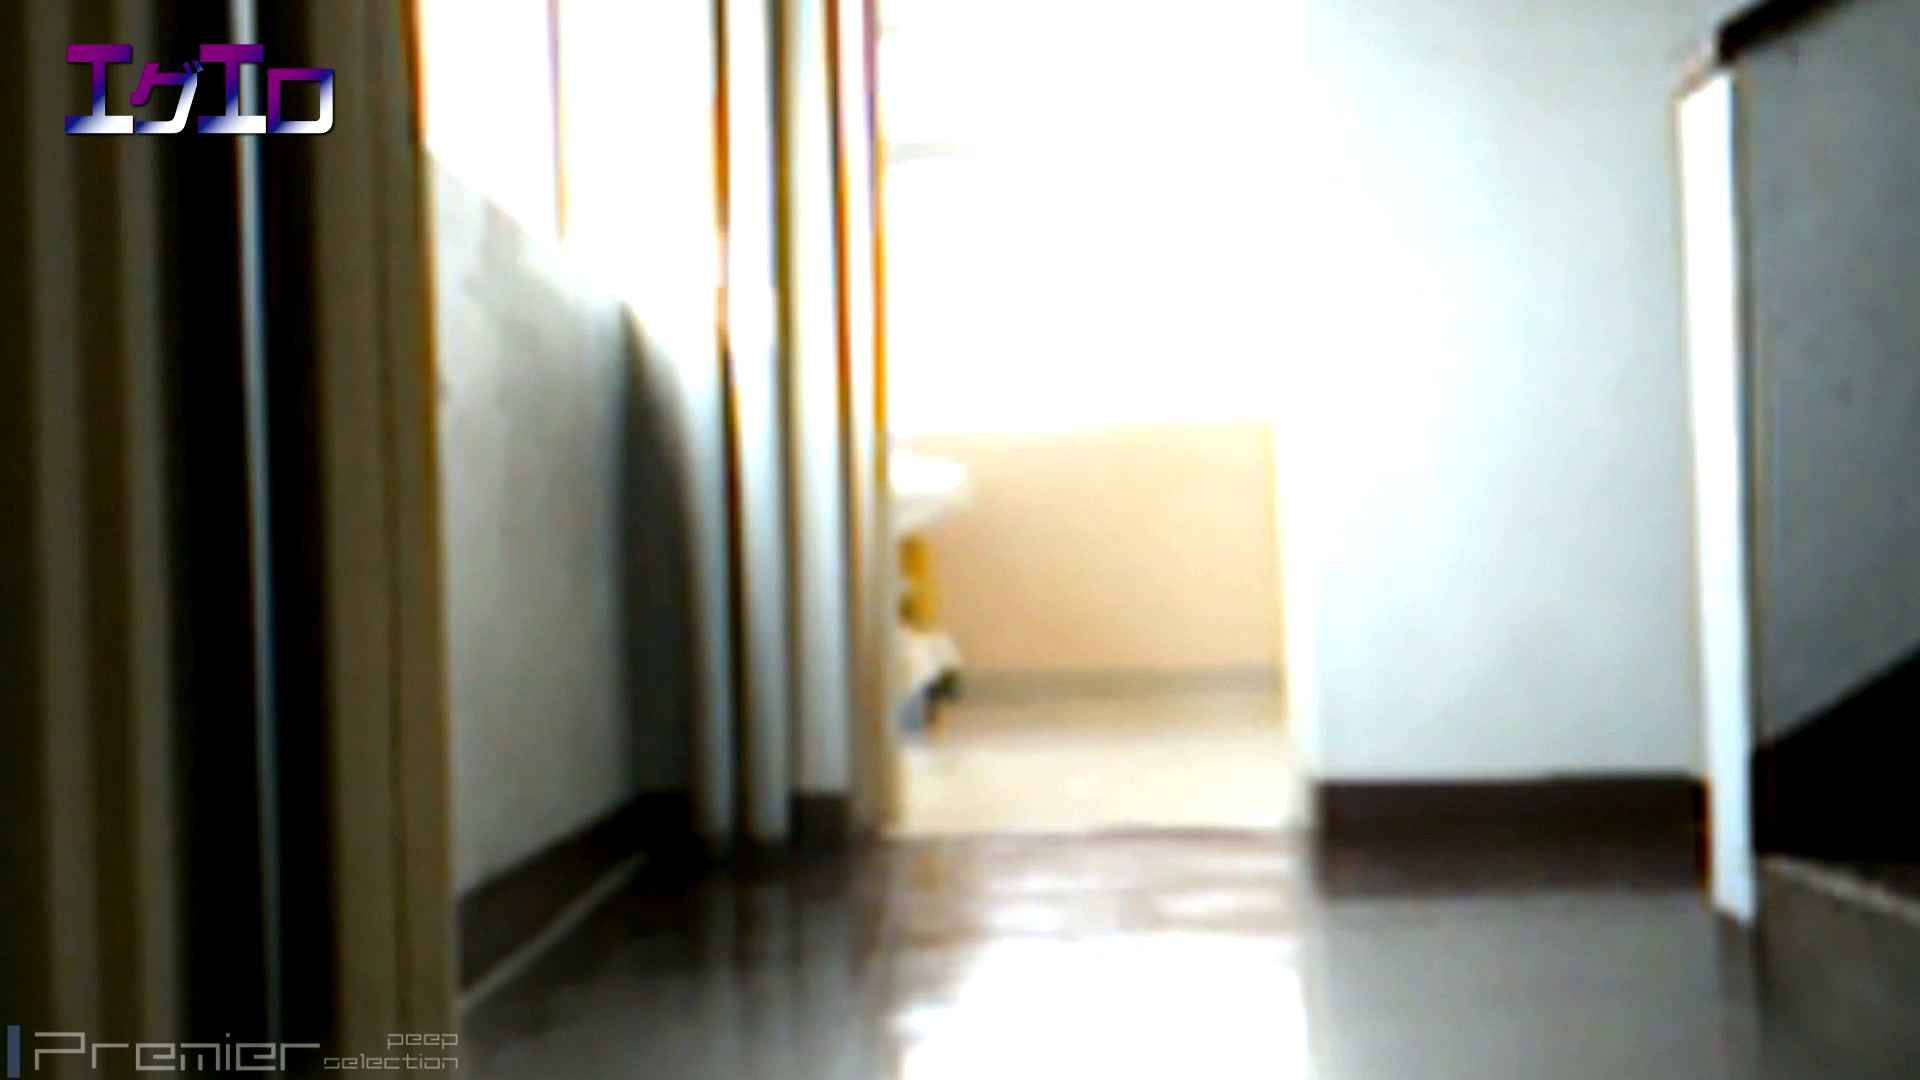 至近距離洗面所 Vol.10ブルージーンズギャルの大放nyo OL女体 | 洗面所  96連発 88